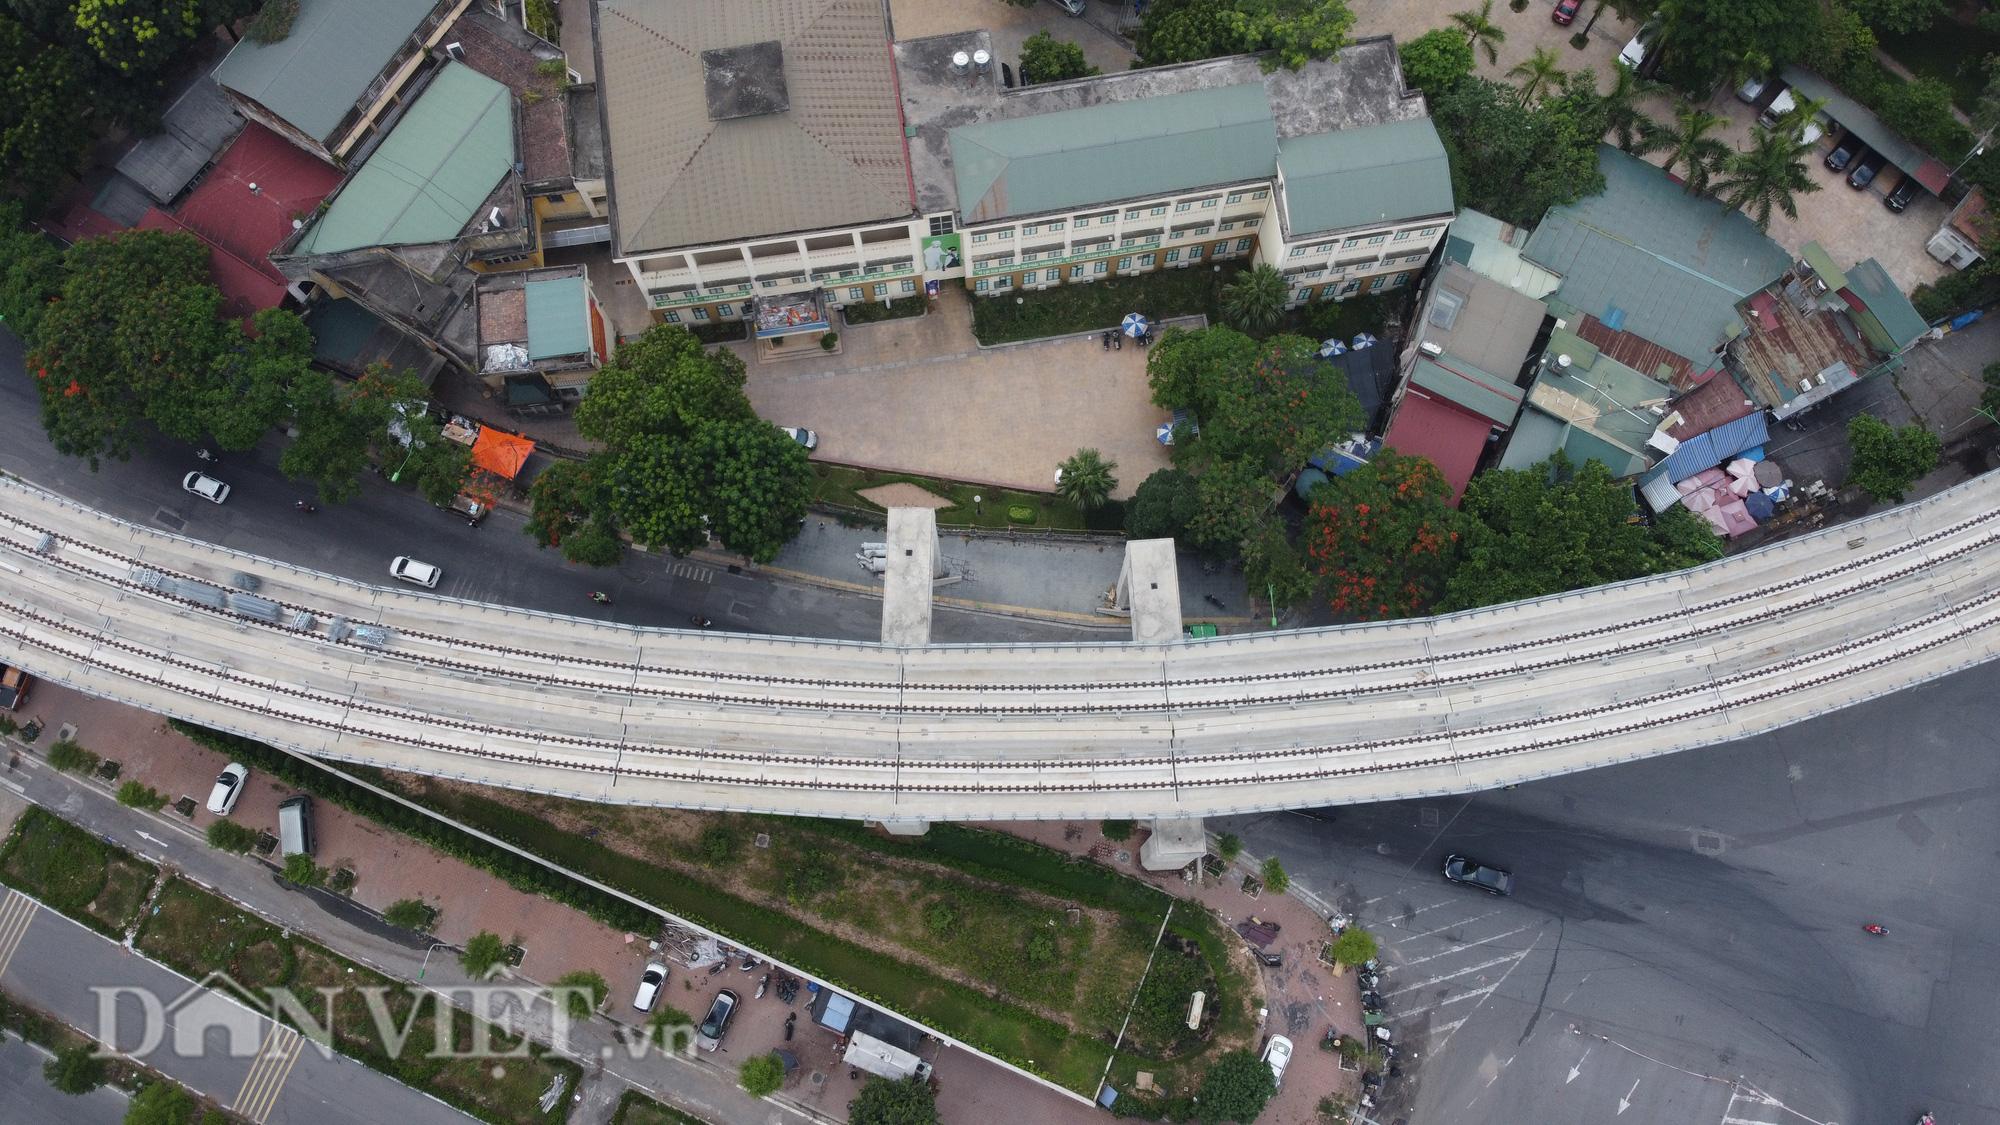 Toàn cảnh tuyến đường sắt trên cao bị đòi bồi thuờng hàng trăm tỷ đồng - Ảnh 8.